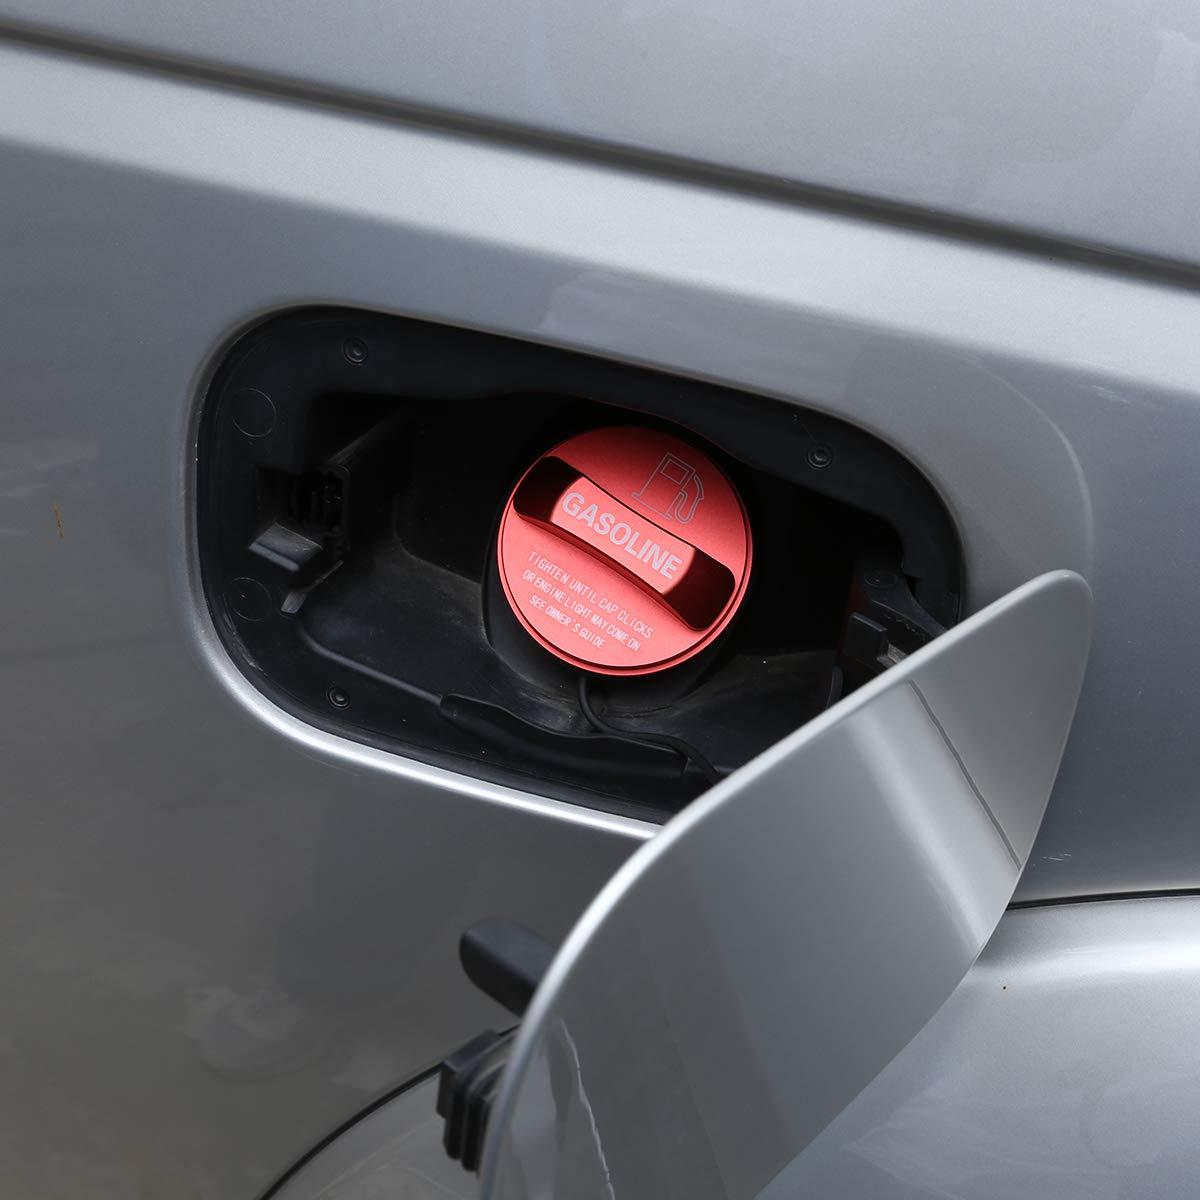 accessori per auto XE XF F-Pace RangeRover Vogue Velar Yiwang Discovery 5 tappo per serbatoio carburante in lega di alluminio per Discovery 4 RangeRover Evoque Discovery Sport RangeRover Sport